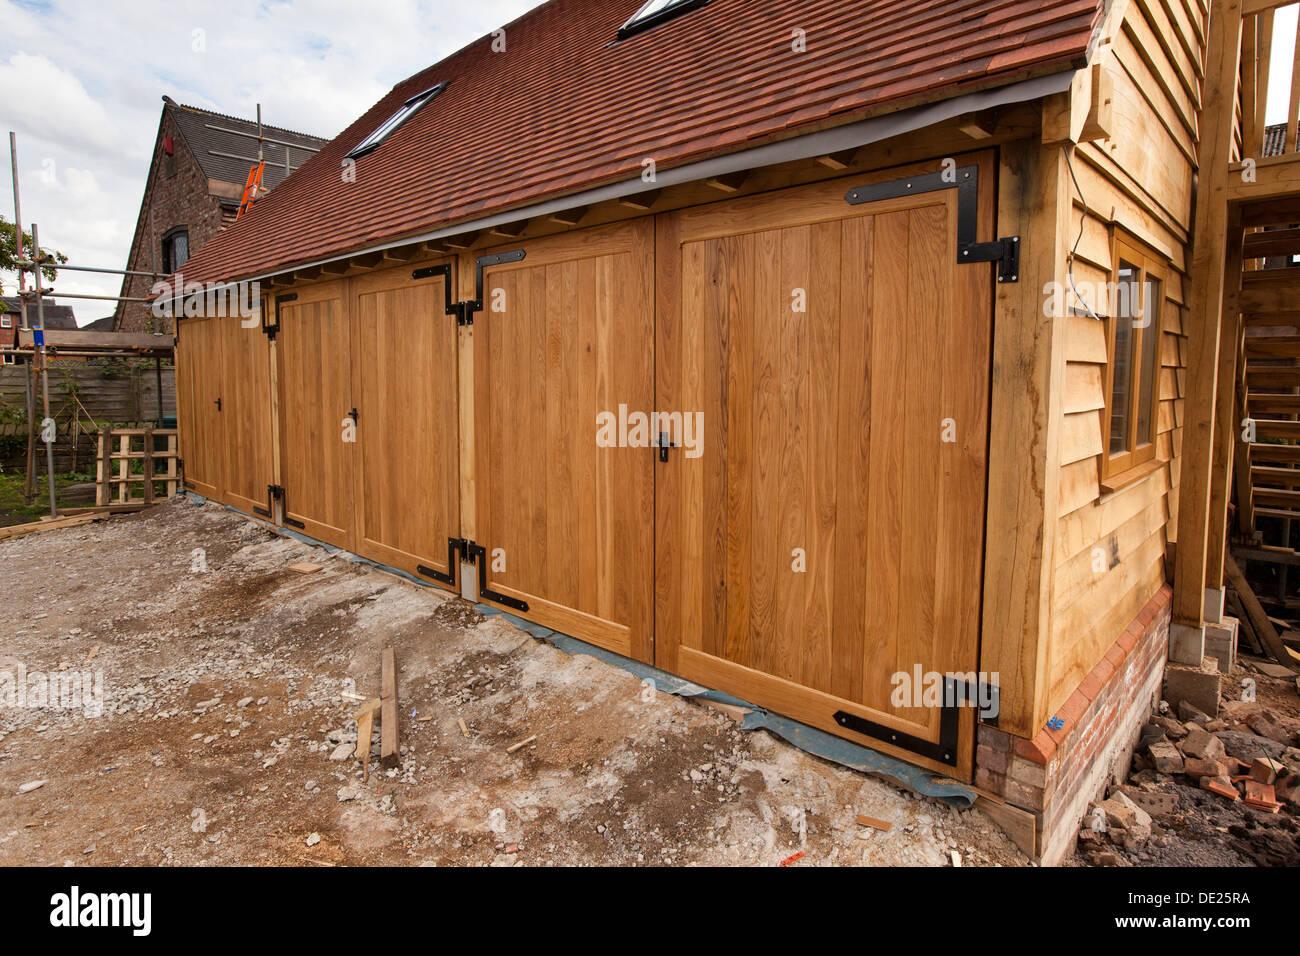 Selbst Haus Zu Bauen, Garage Für 3 Bucht, Solide Eichentüren Gerahmt Grüne  Eiche Holz Bau